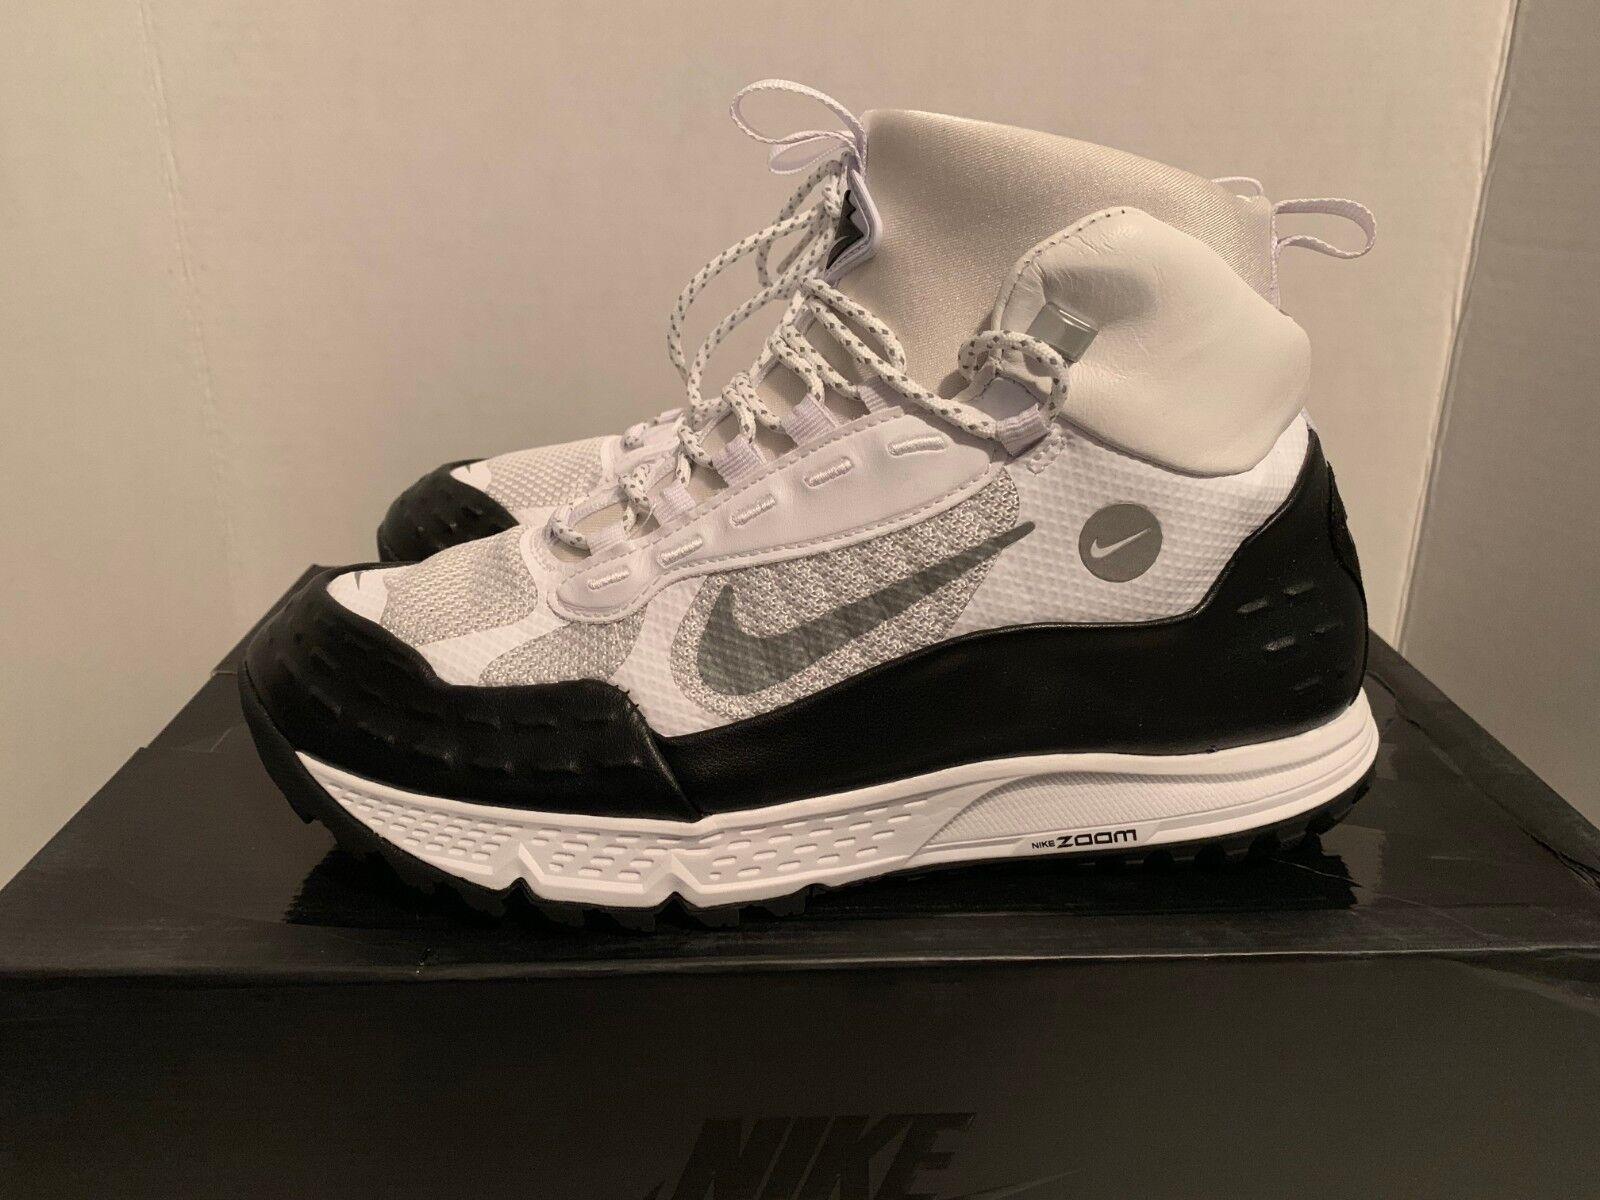 Nike Nike Nike air zoom sertig 16 dimensioni 10 11 bianco riflettente silver nero lab b4d2c1